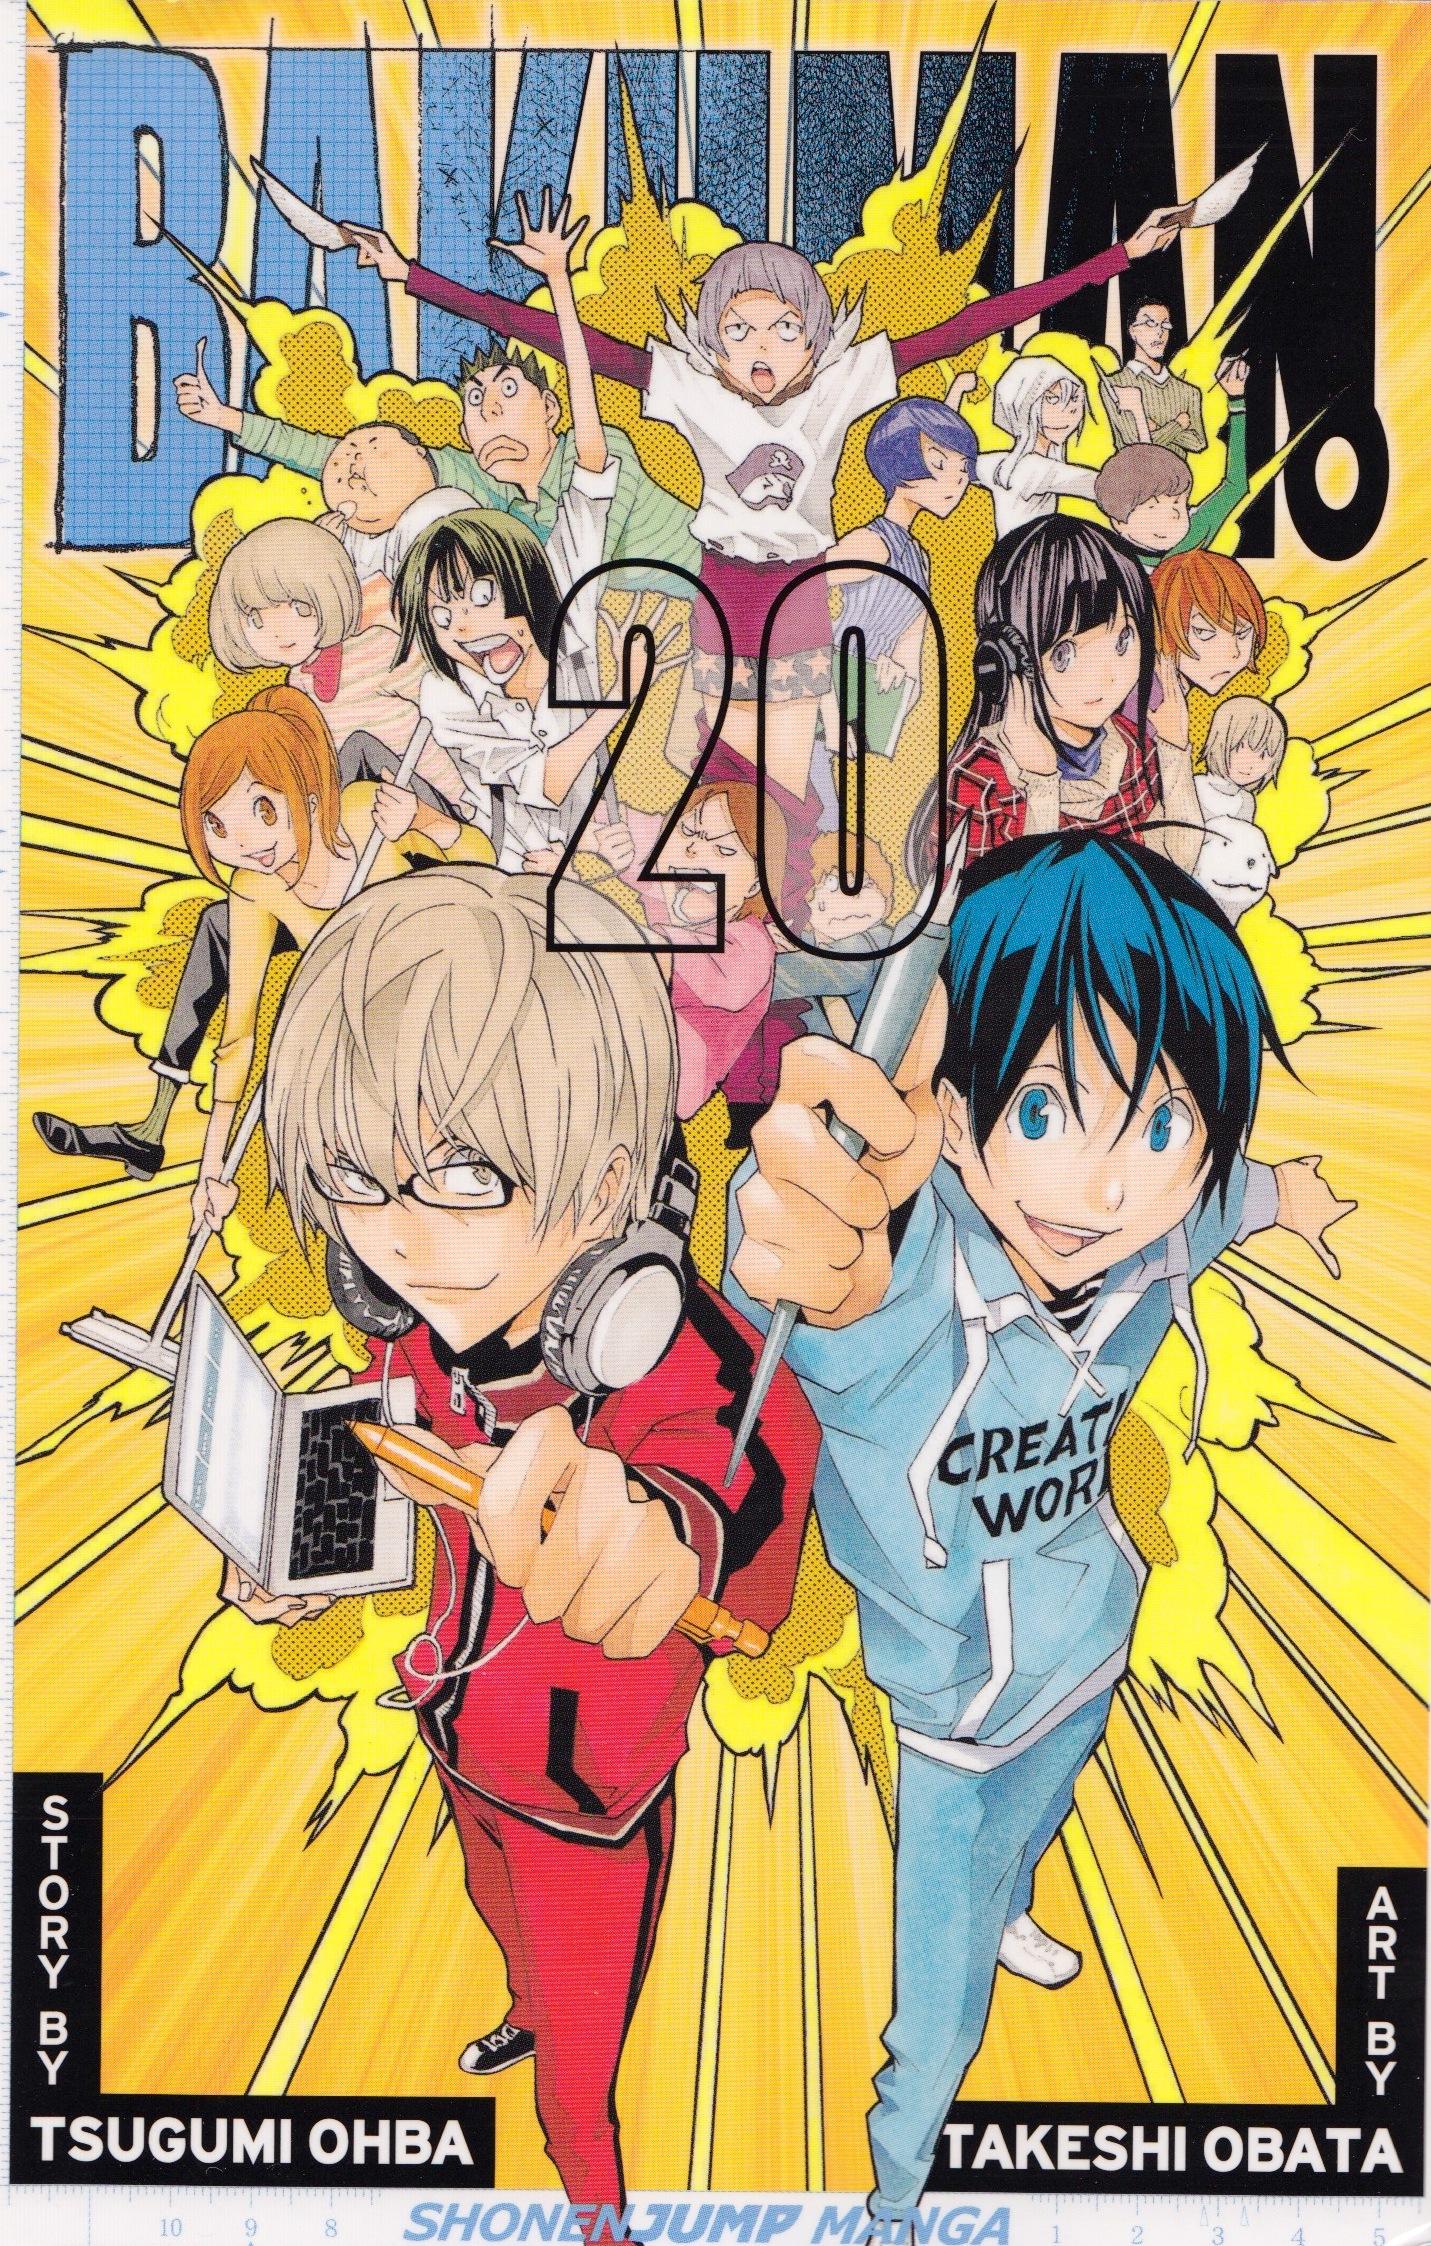 Bakuman 20 cover